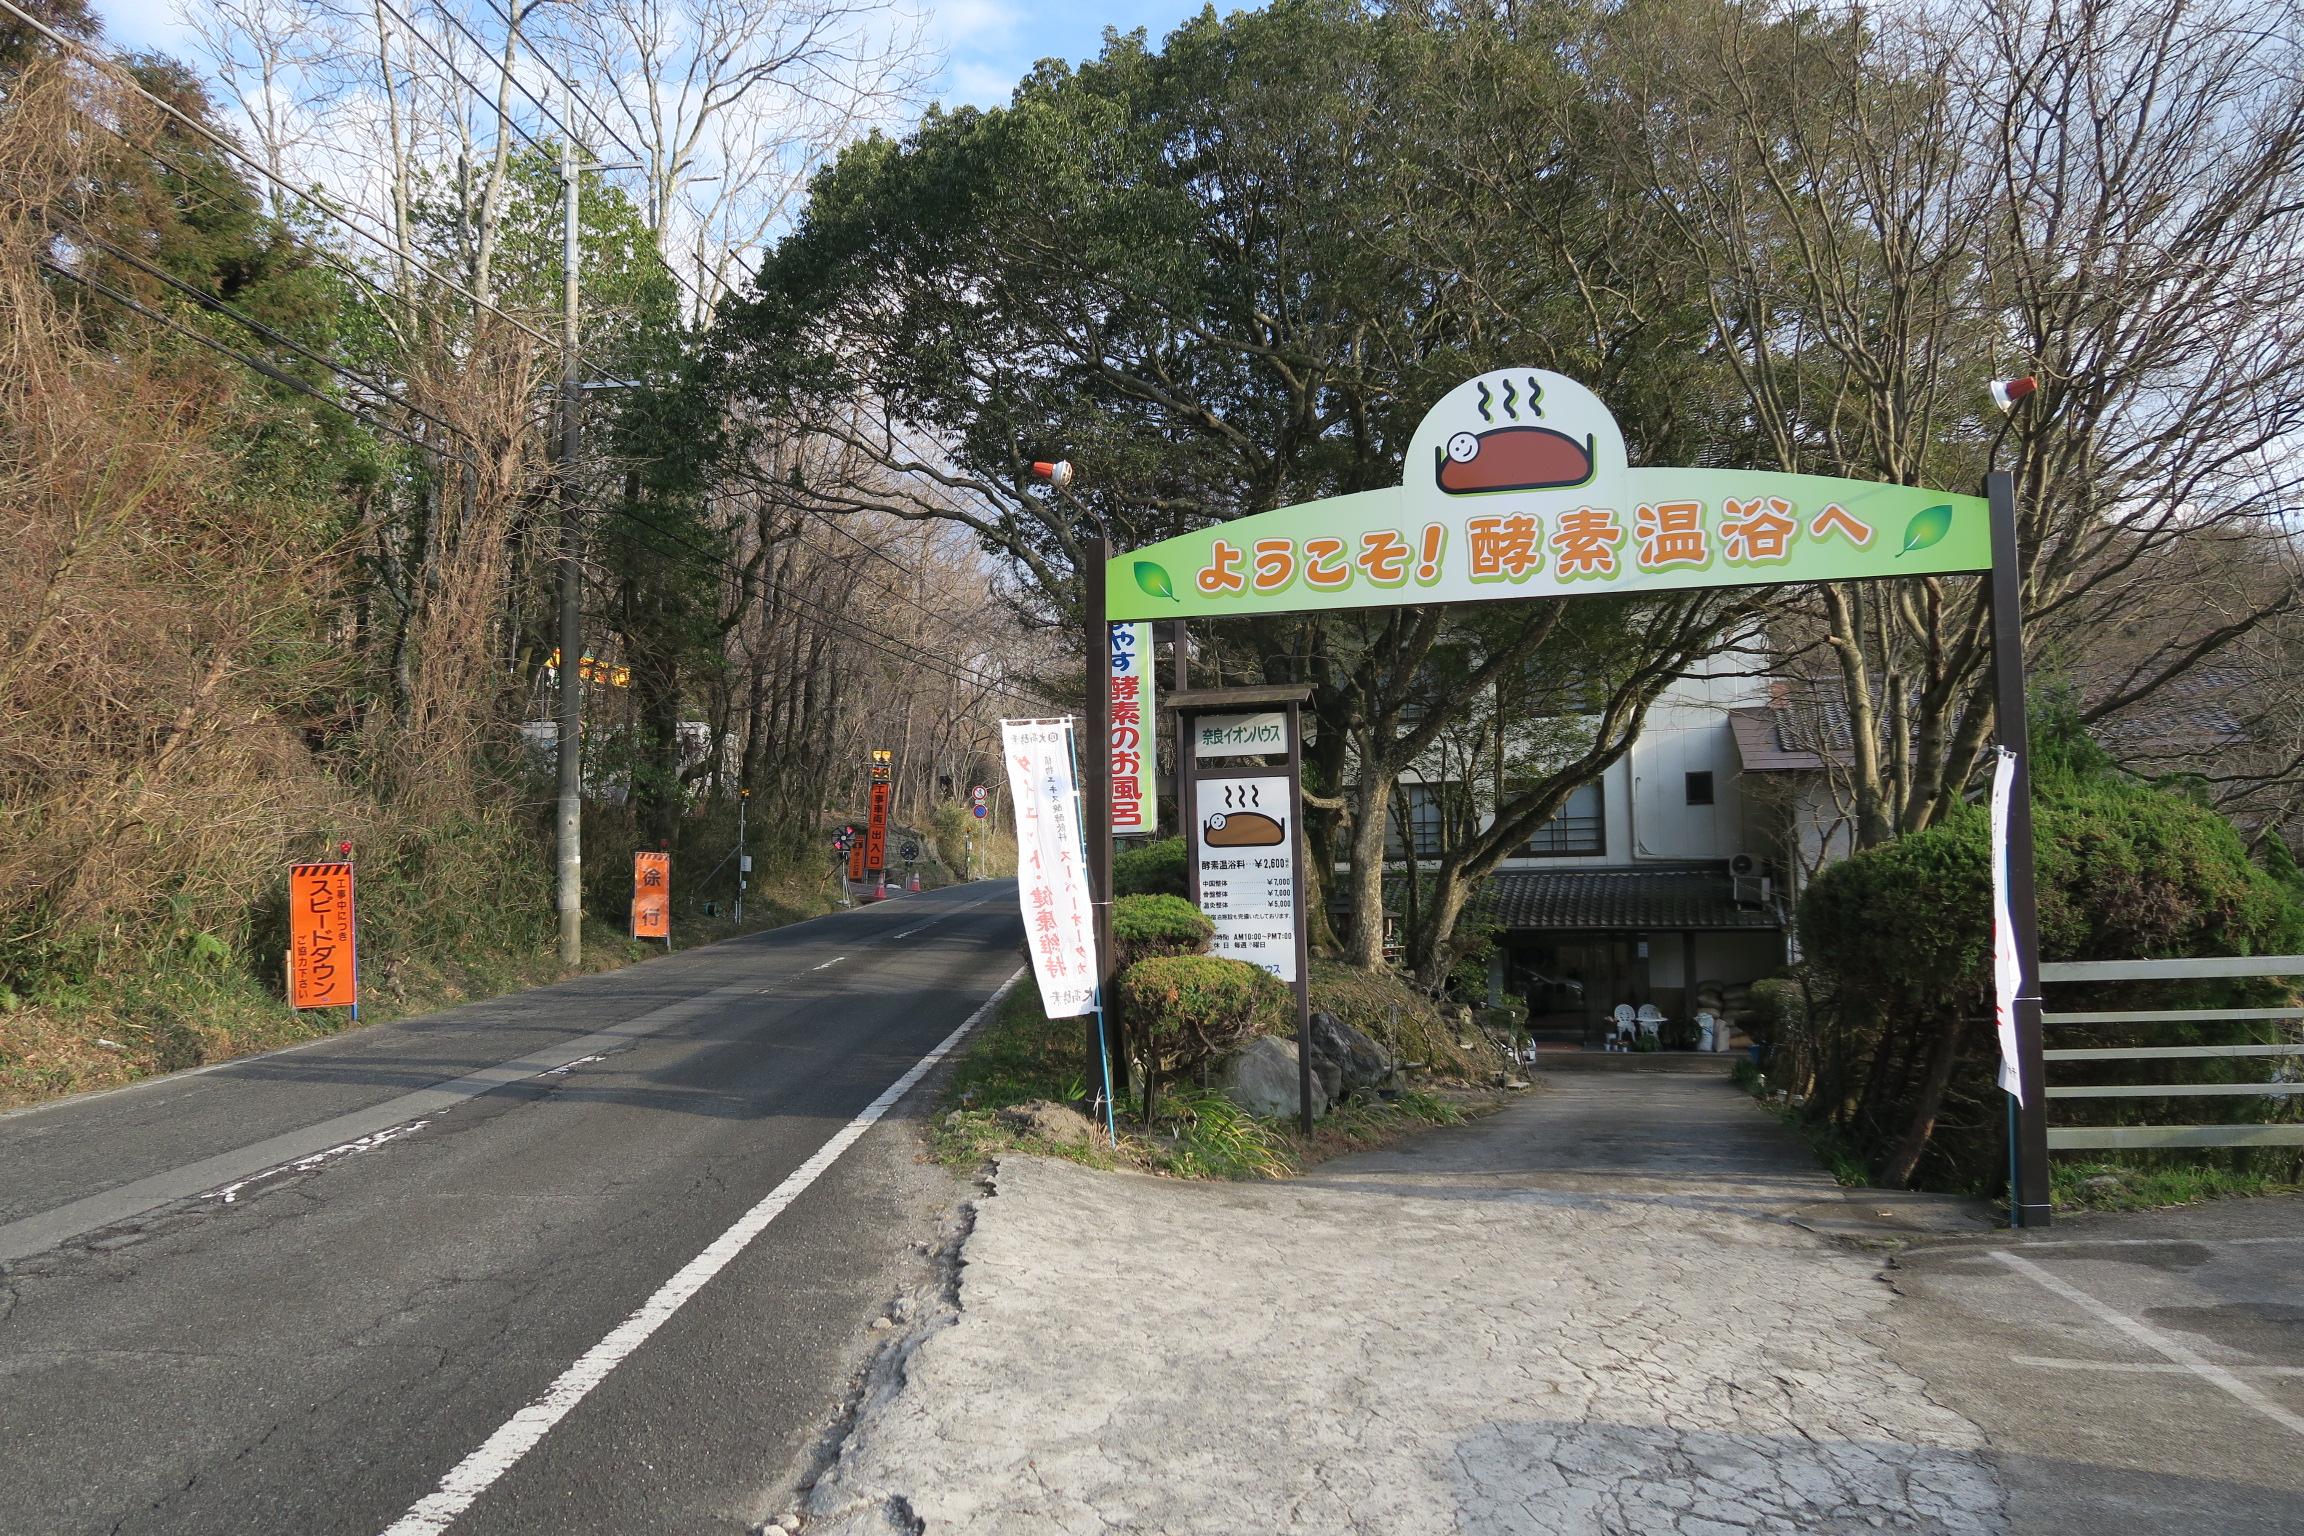 奈良イオンハウス入口。